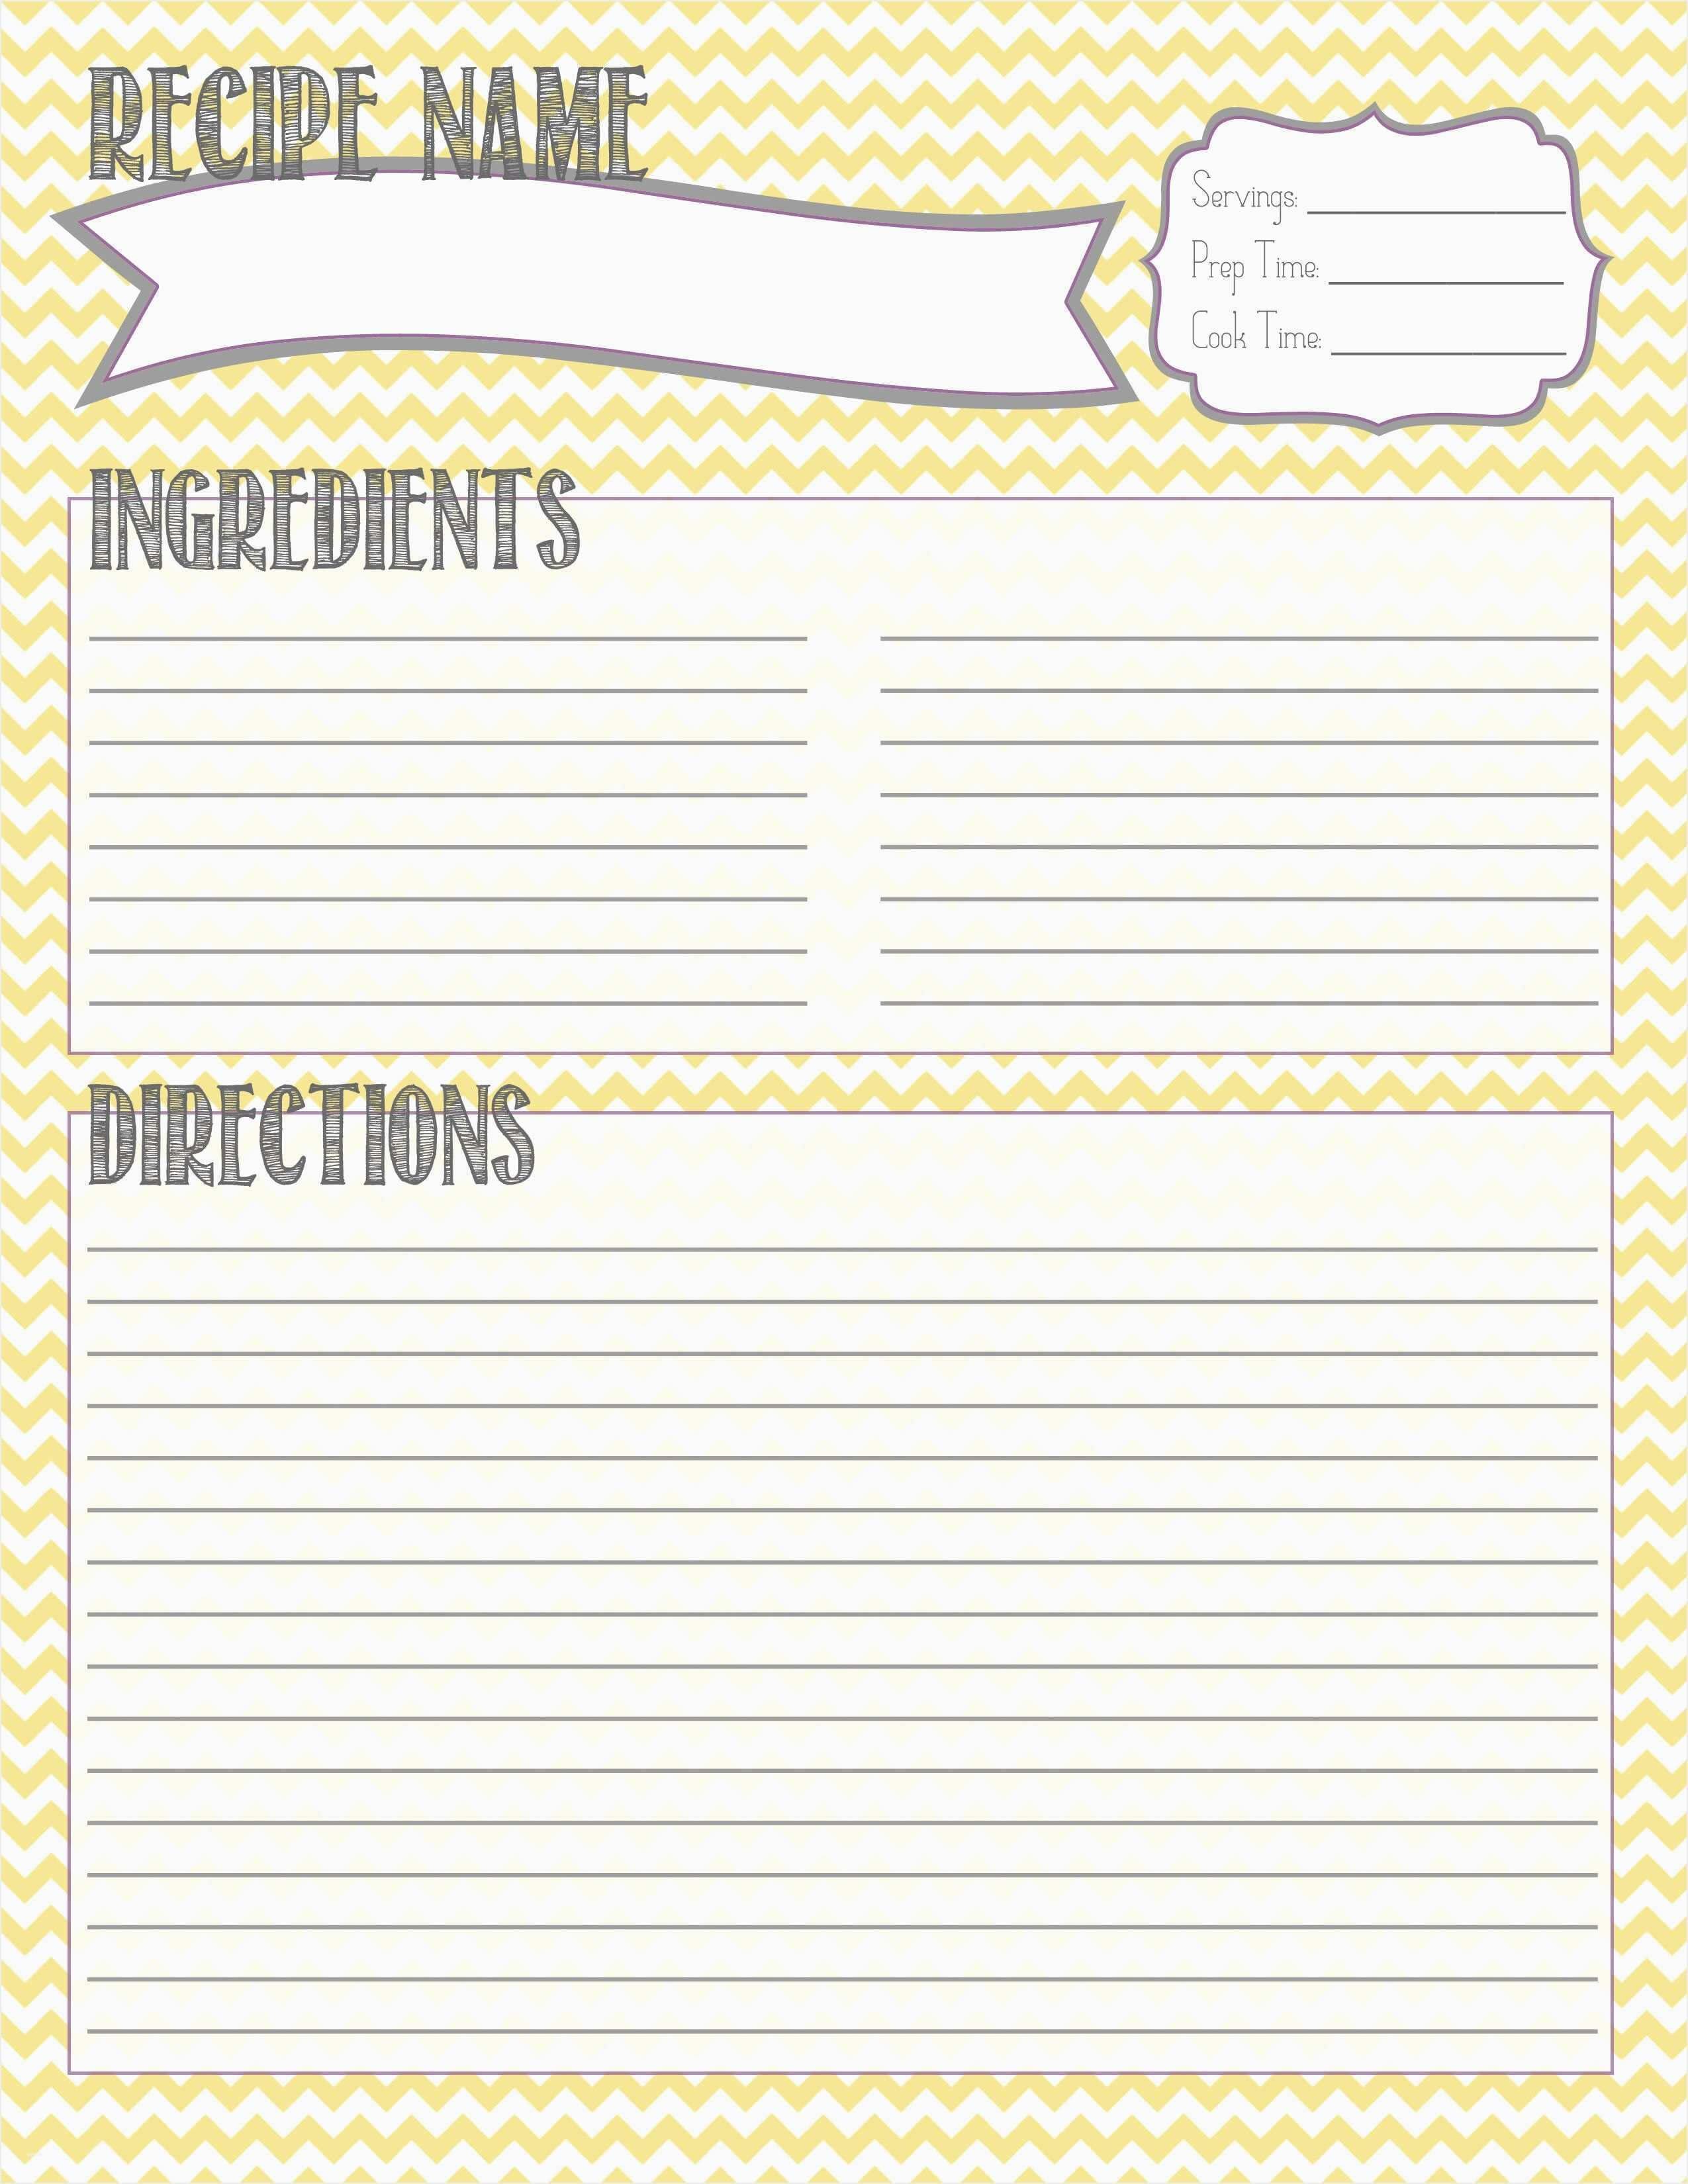 012 Editable Recipe Card Template Ideas Fillable For Word Throughout Fillable Recipe Card Template